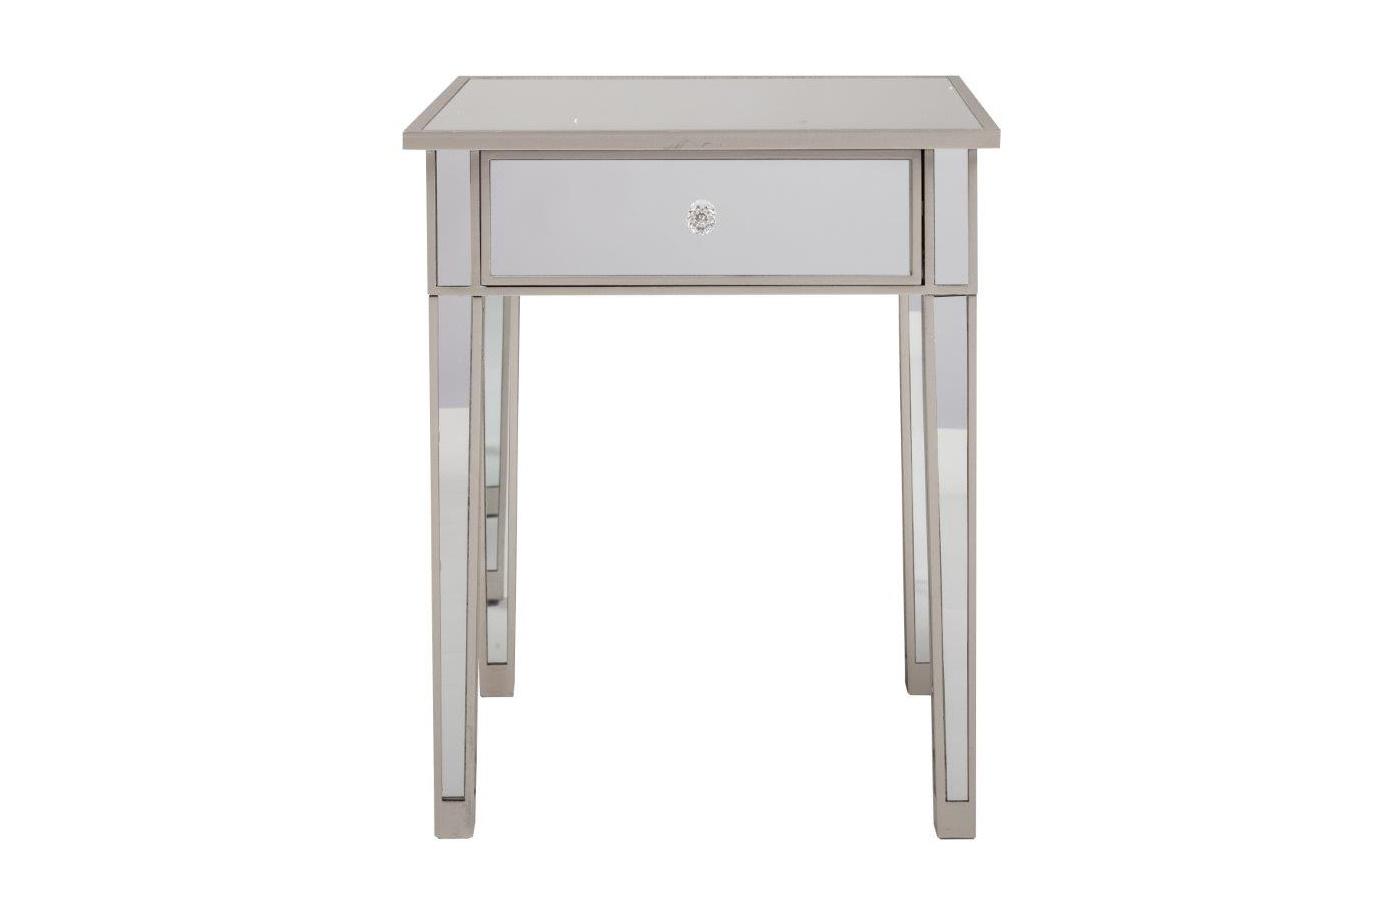 Столик FelicityПриставные столики<br>&amp;lt;div&amp;gt;Felicity – это воплощение старины и шика одновременно. &amp;amp;nbsp;Дизайнеры DG Home отлично поработали над сочетанием нескольких стилей и создали вот такое эклектичное чудо. Это ведь просто стол на четырех ножках. Но фигурная ручка, матовая поверхность и миниатюрный ящик говорят о французской изящности. А в строгих прямых линиях угадывается минимализм.&amp;lt;br&amp;gt;&amp;lt;/div&amp;gt;&amp;lt;div&amp;gt;&amp;lt;br&amp;gt;&amp;lt;/div&amp;gt;Материал: мдф, зеркало<br><br>Material: МДФ<br>Length см: 60,45<br>Width см: 60,45<br>Height см: 73,66